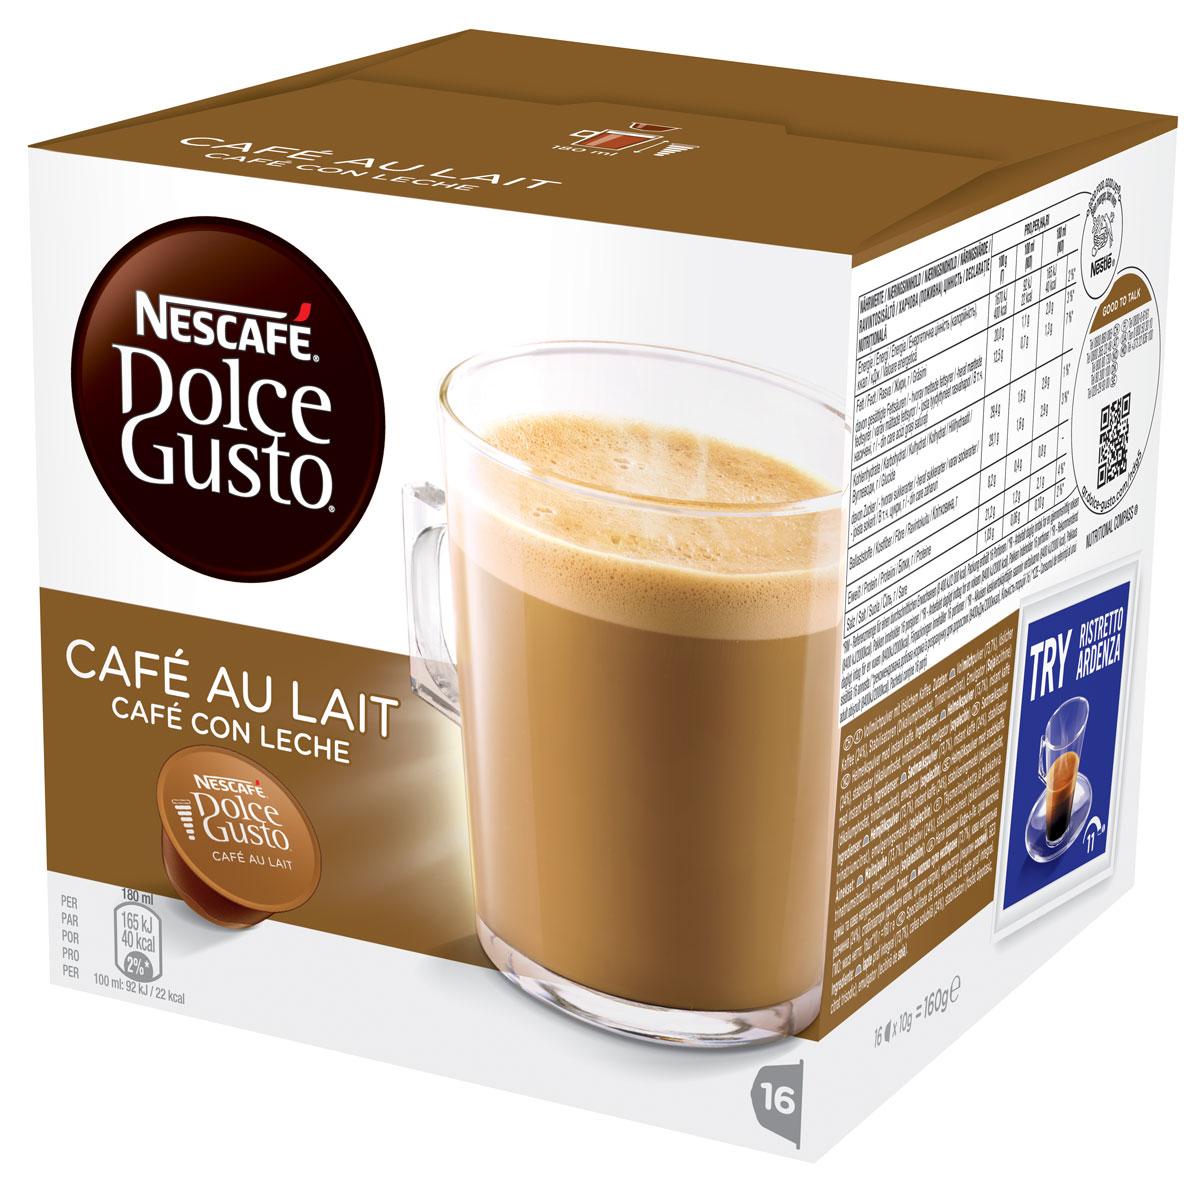 Nescafe Dolce Gusto Кофе О Ле, кофе в капсулах, 16 шт12148061Cafe Au Lait - это непревзойденное сочетание энергии кофе и сладости молока подарит Вам заряд бодрости на целый день! Для приготовления большой чашки Cafe Au Lait достаточно всего лишь одной капсулы. Капсульная система NESCAFE Dolce Gusto это инновационная система приготовления кофе высокого качества специально разработанная для использования в домашних условиях. Герметичные капсулы оптимизируют давление воды для каждого вида кофе. Кофе-машина NESCAFE Dolce Gusto использует профессиональное давление в 15 бар, что каждый раз гарантирует идеальный вкус и качество кофе.Кофе: мифы и факты. Статья OZON Гид